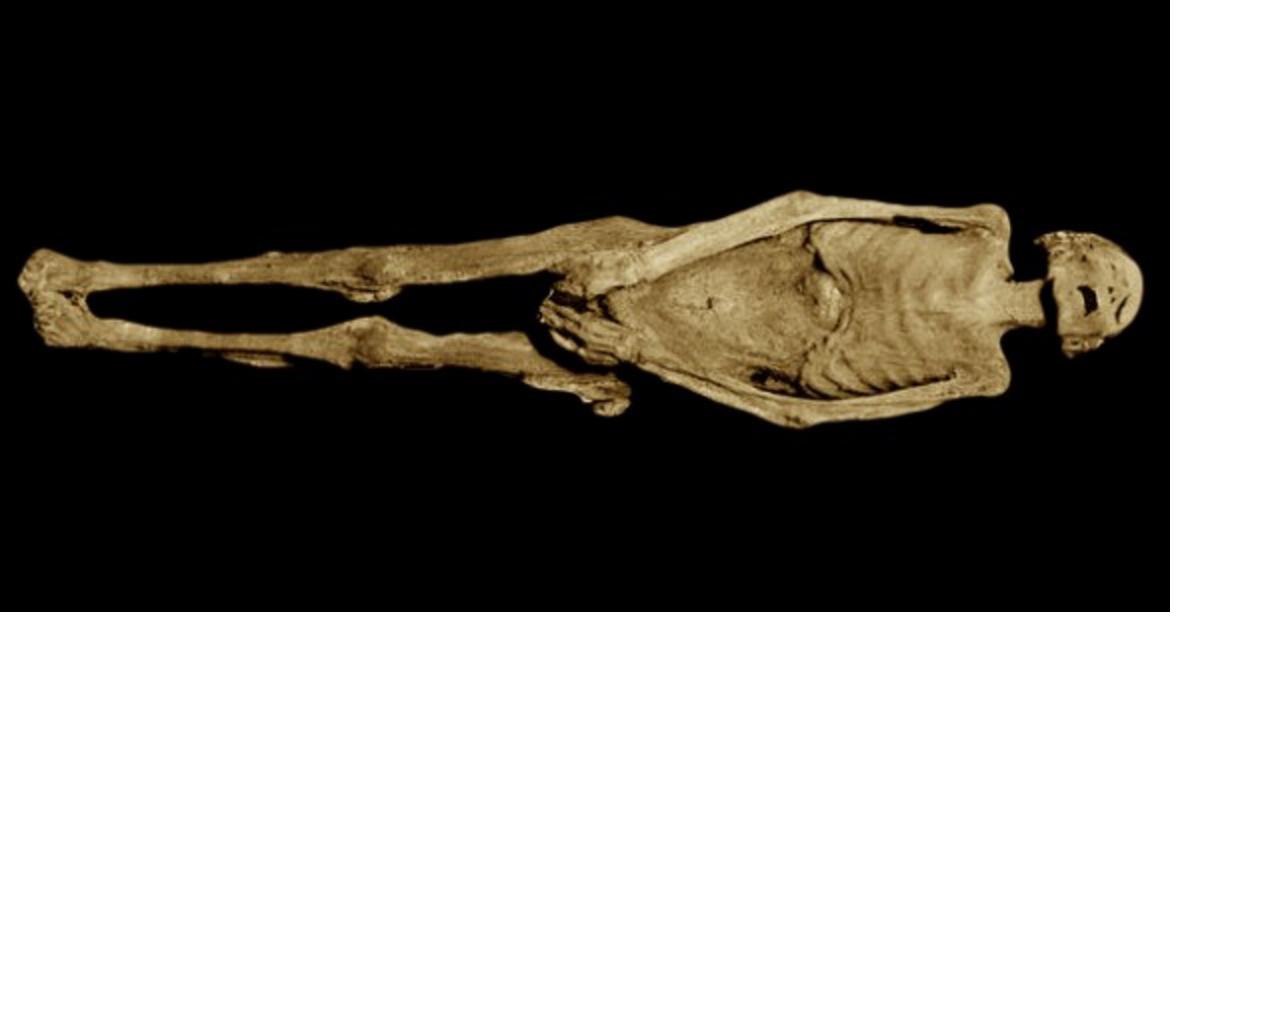 Poprvé od jejího nalezení si veřejnost může mumii beze jména prohlédnout v v káhirském muzeu.